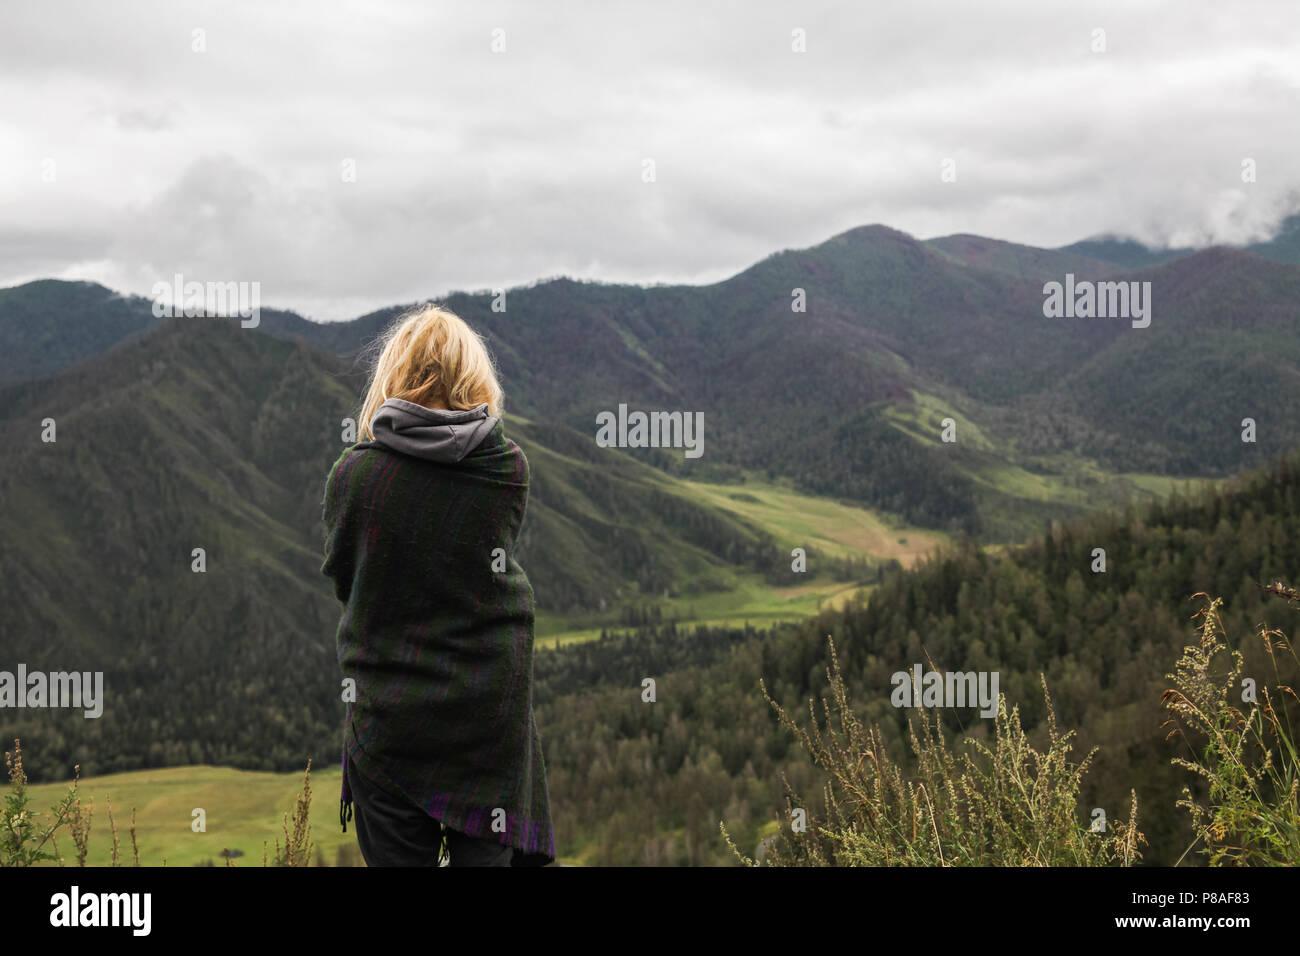 Vue arrière de jeune femme à la recherche de beau paysage dans les montagnes, l'Altaï, en Russie Photo Stock